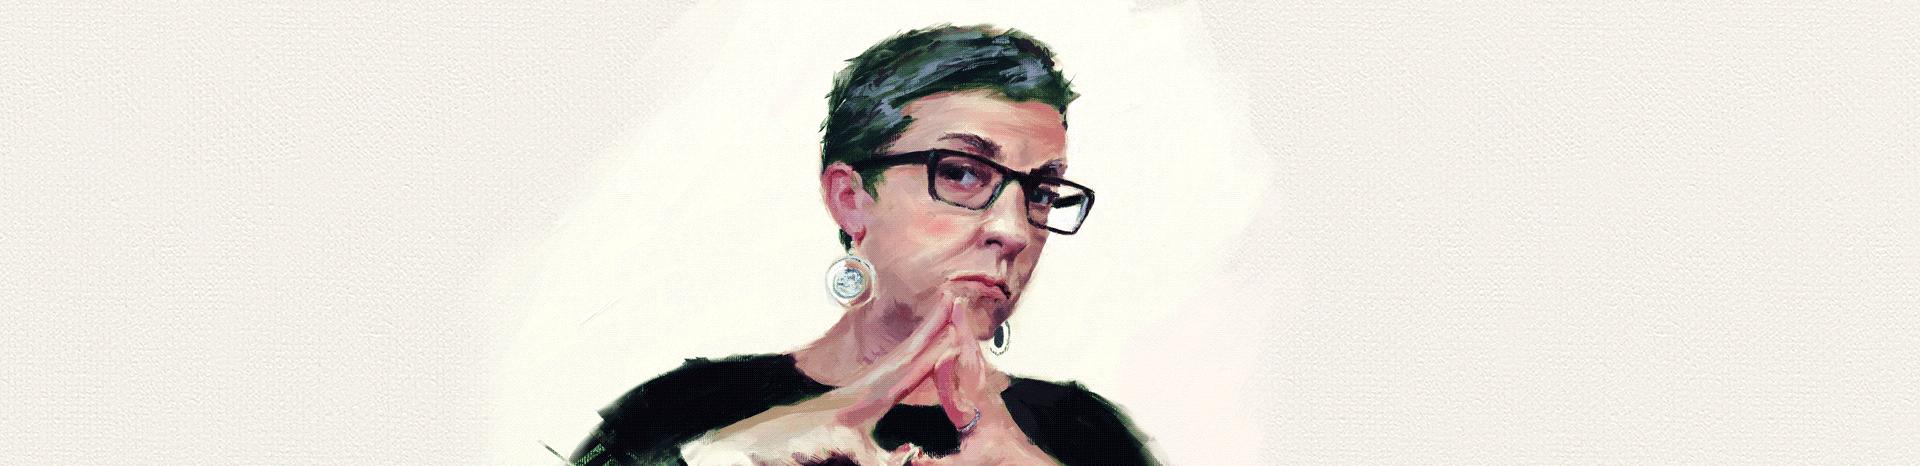 Tracey Segarra